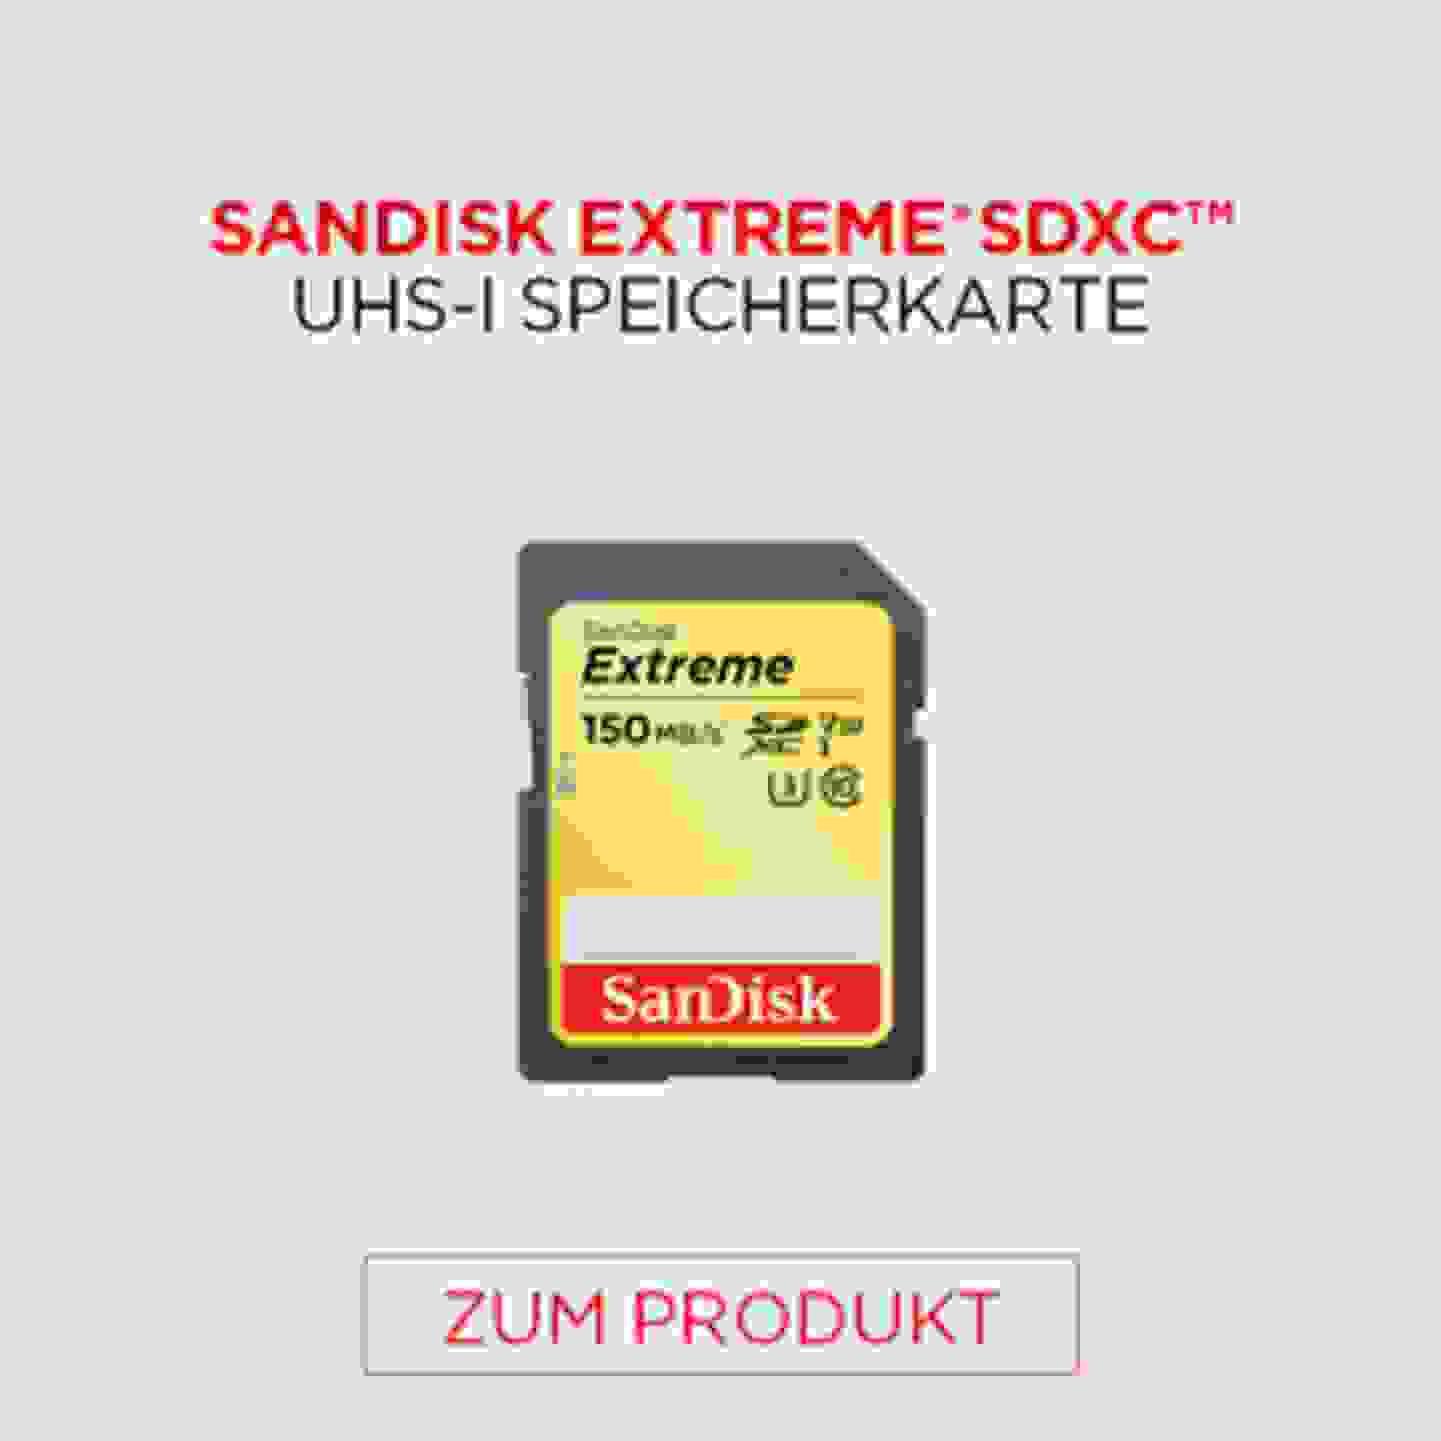 Sandisk Extreme SDXC UHS-I Speicherkarte